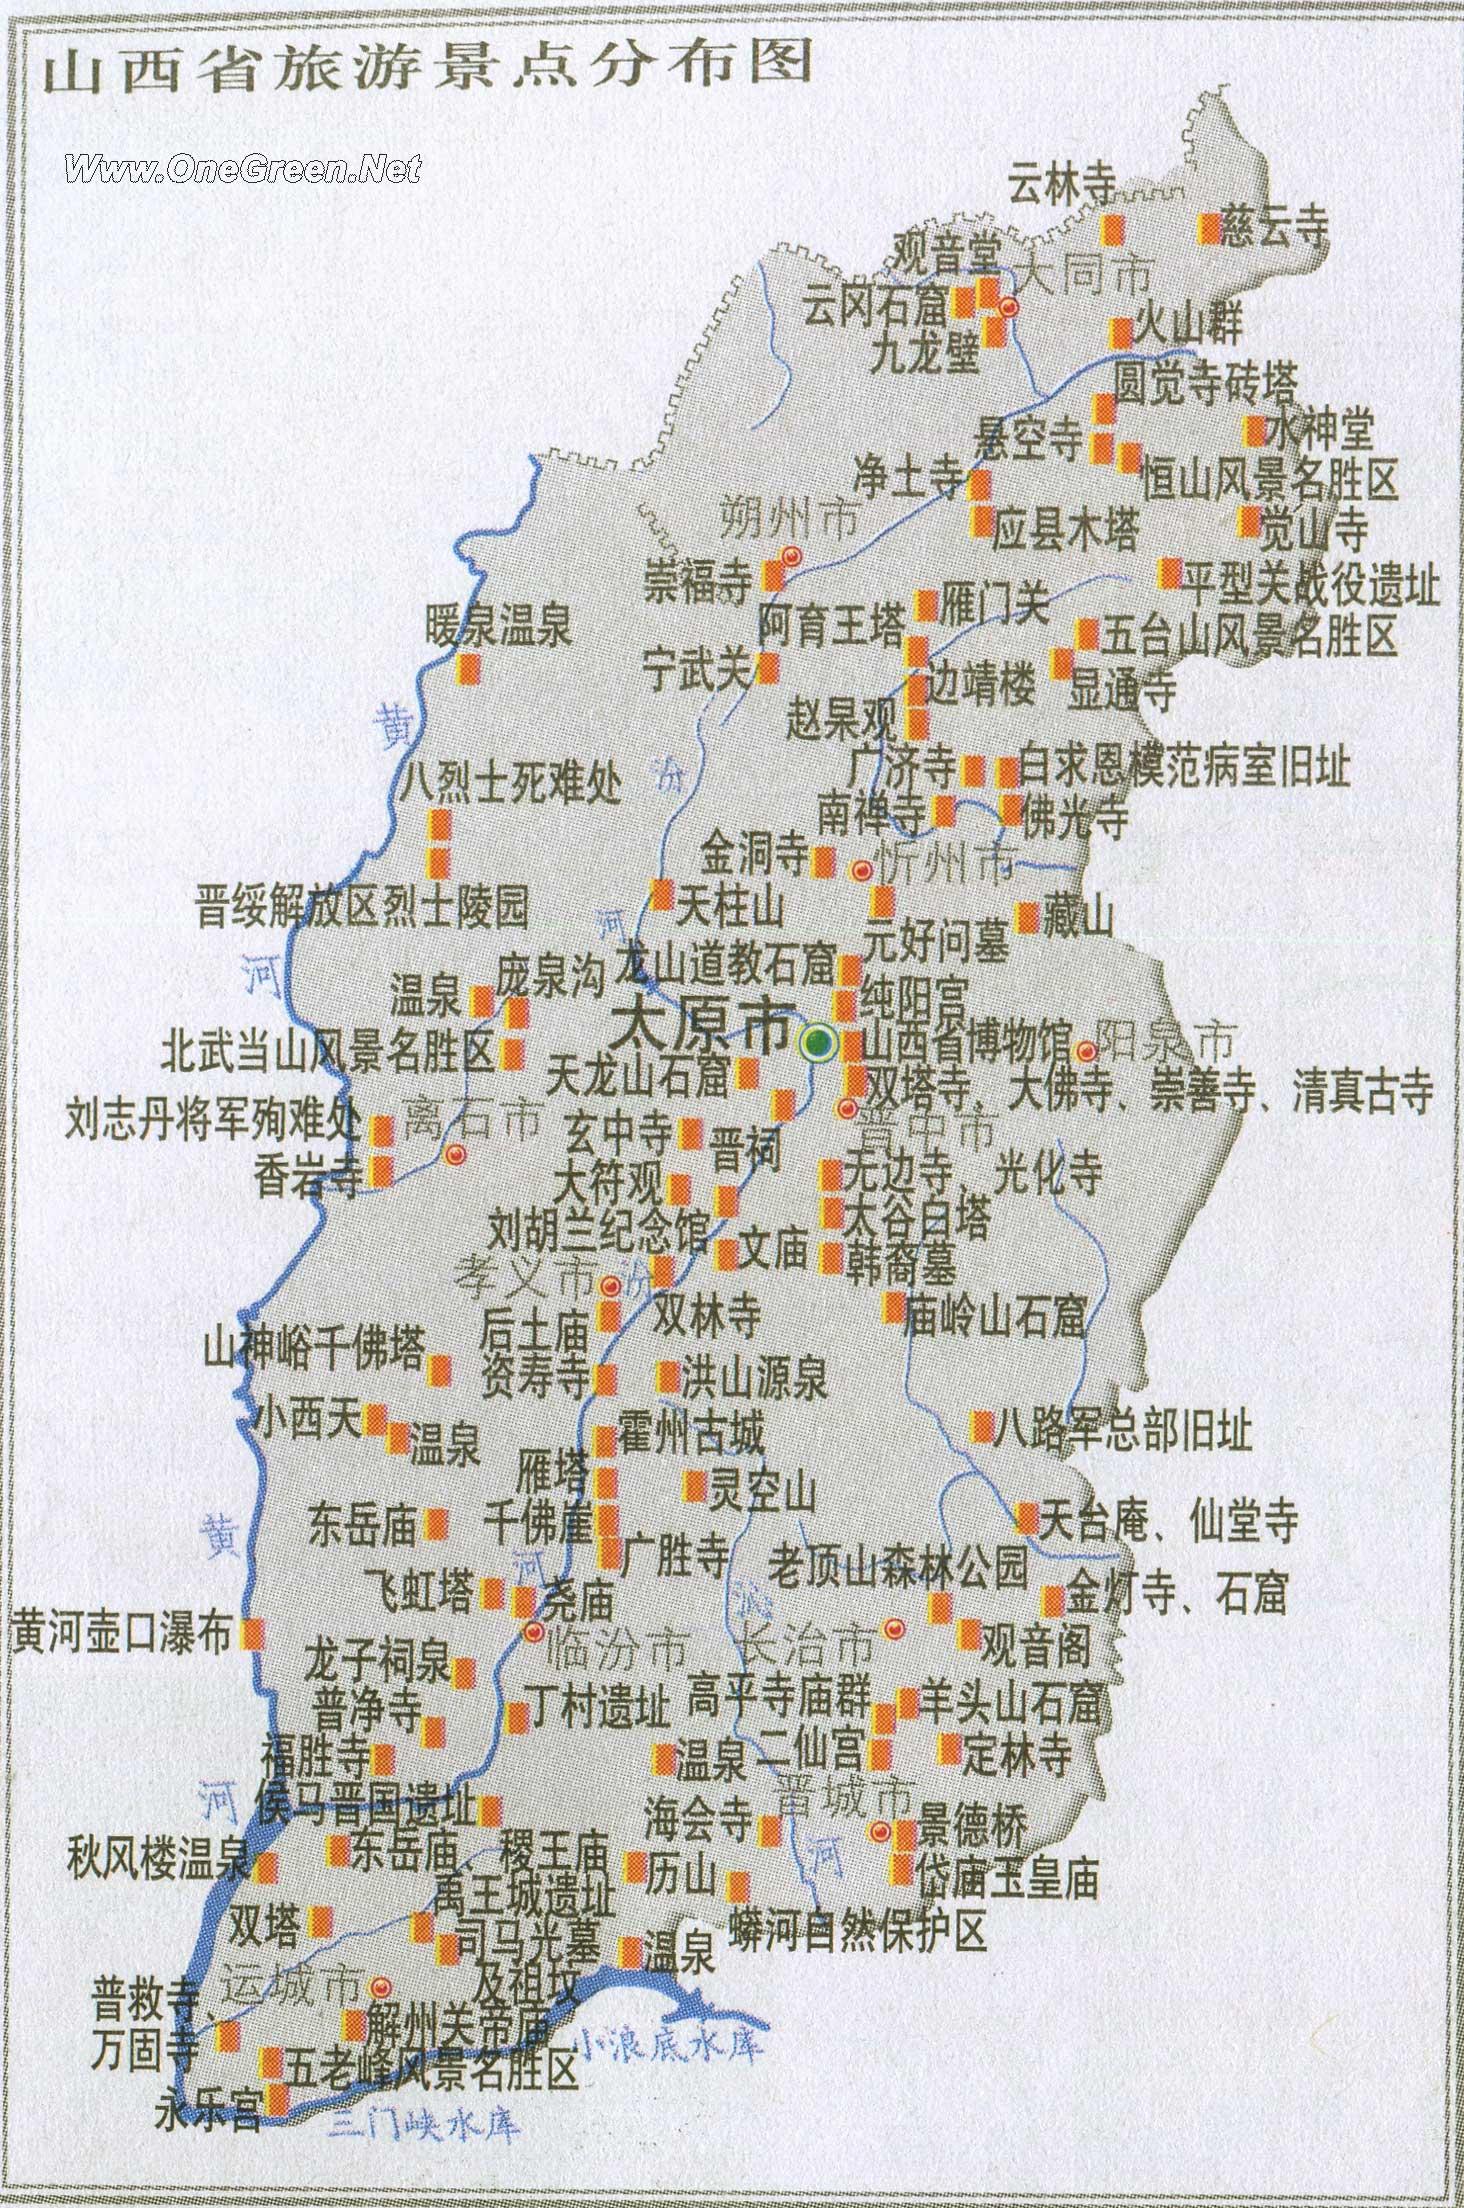 山西重点旅游景区分布图